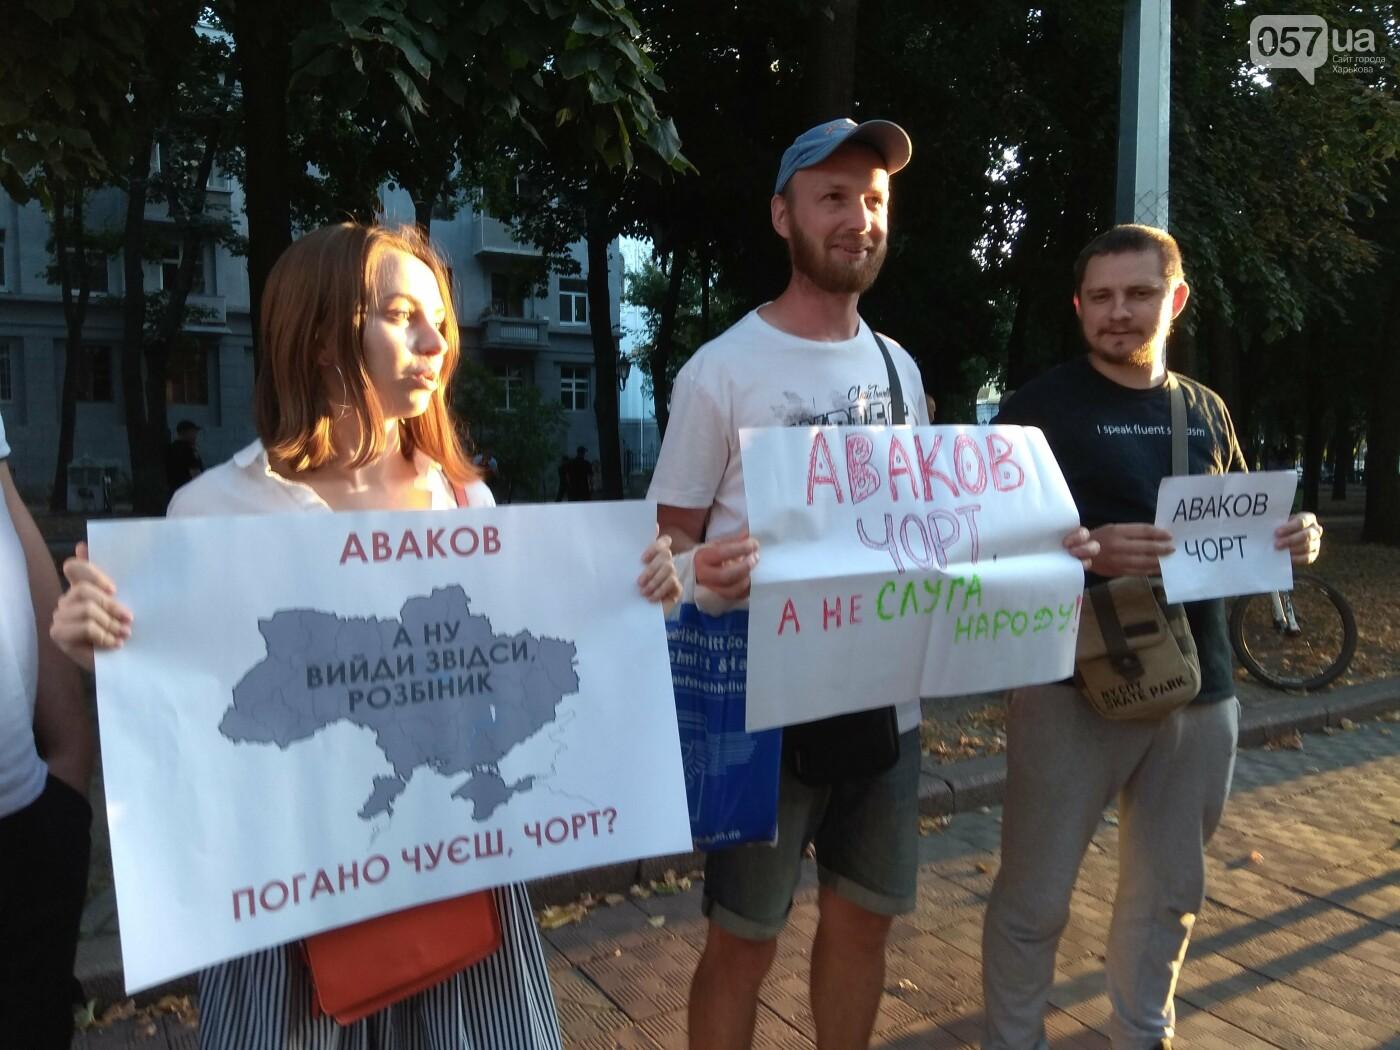 Харьковчане вышли на акцию протеста с требованием отправить в отставку Арсена Авакова, - ФОТО, фото-3